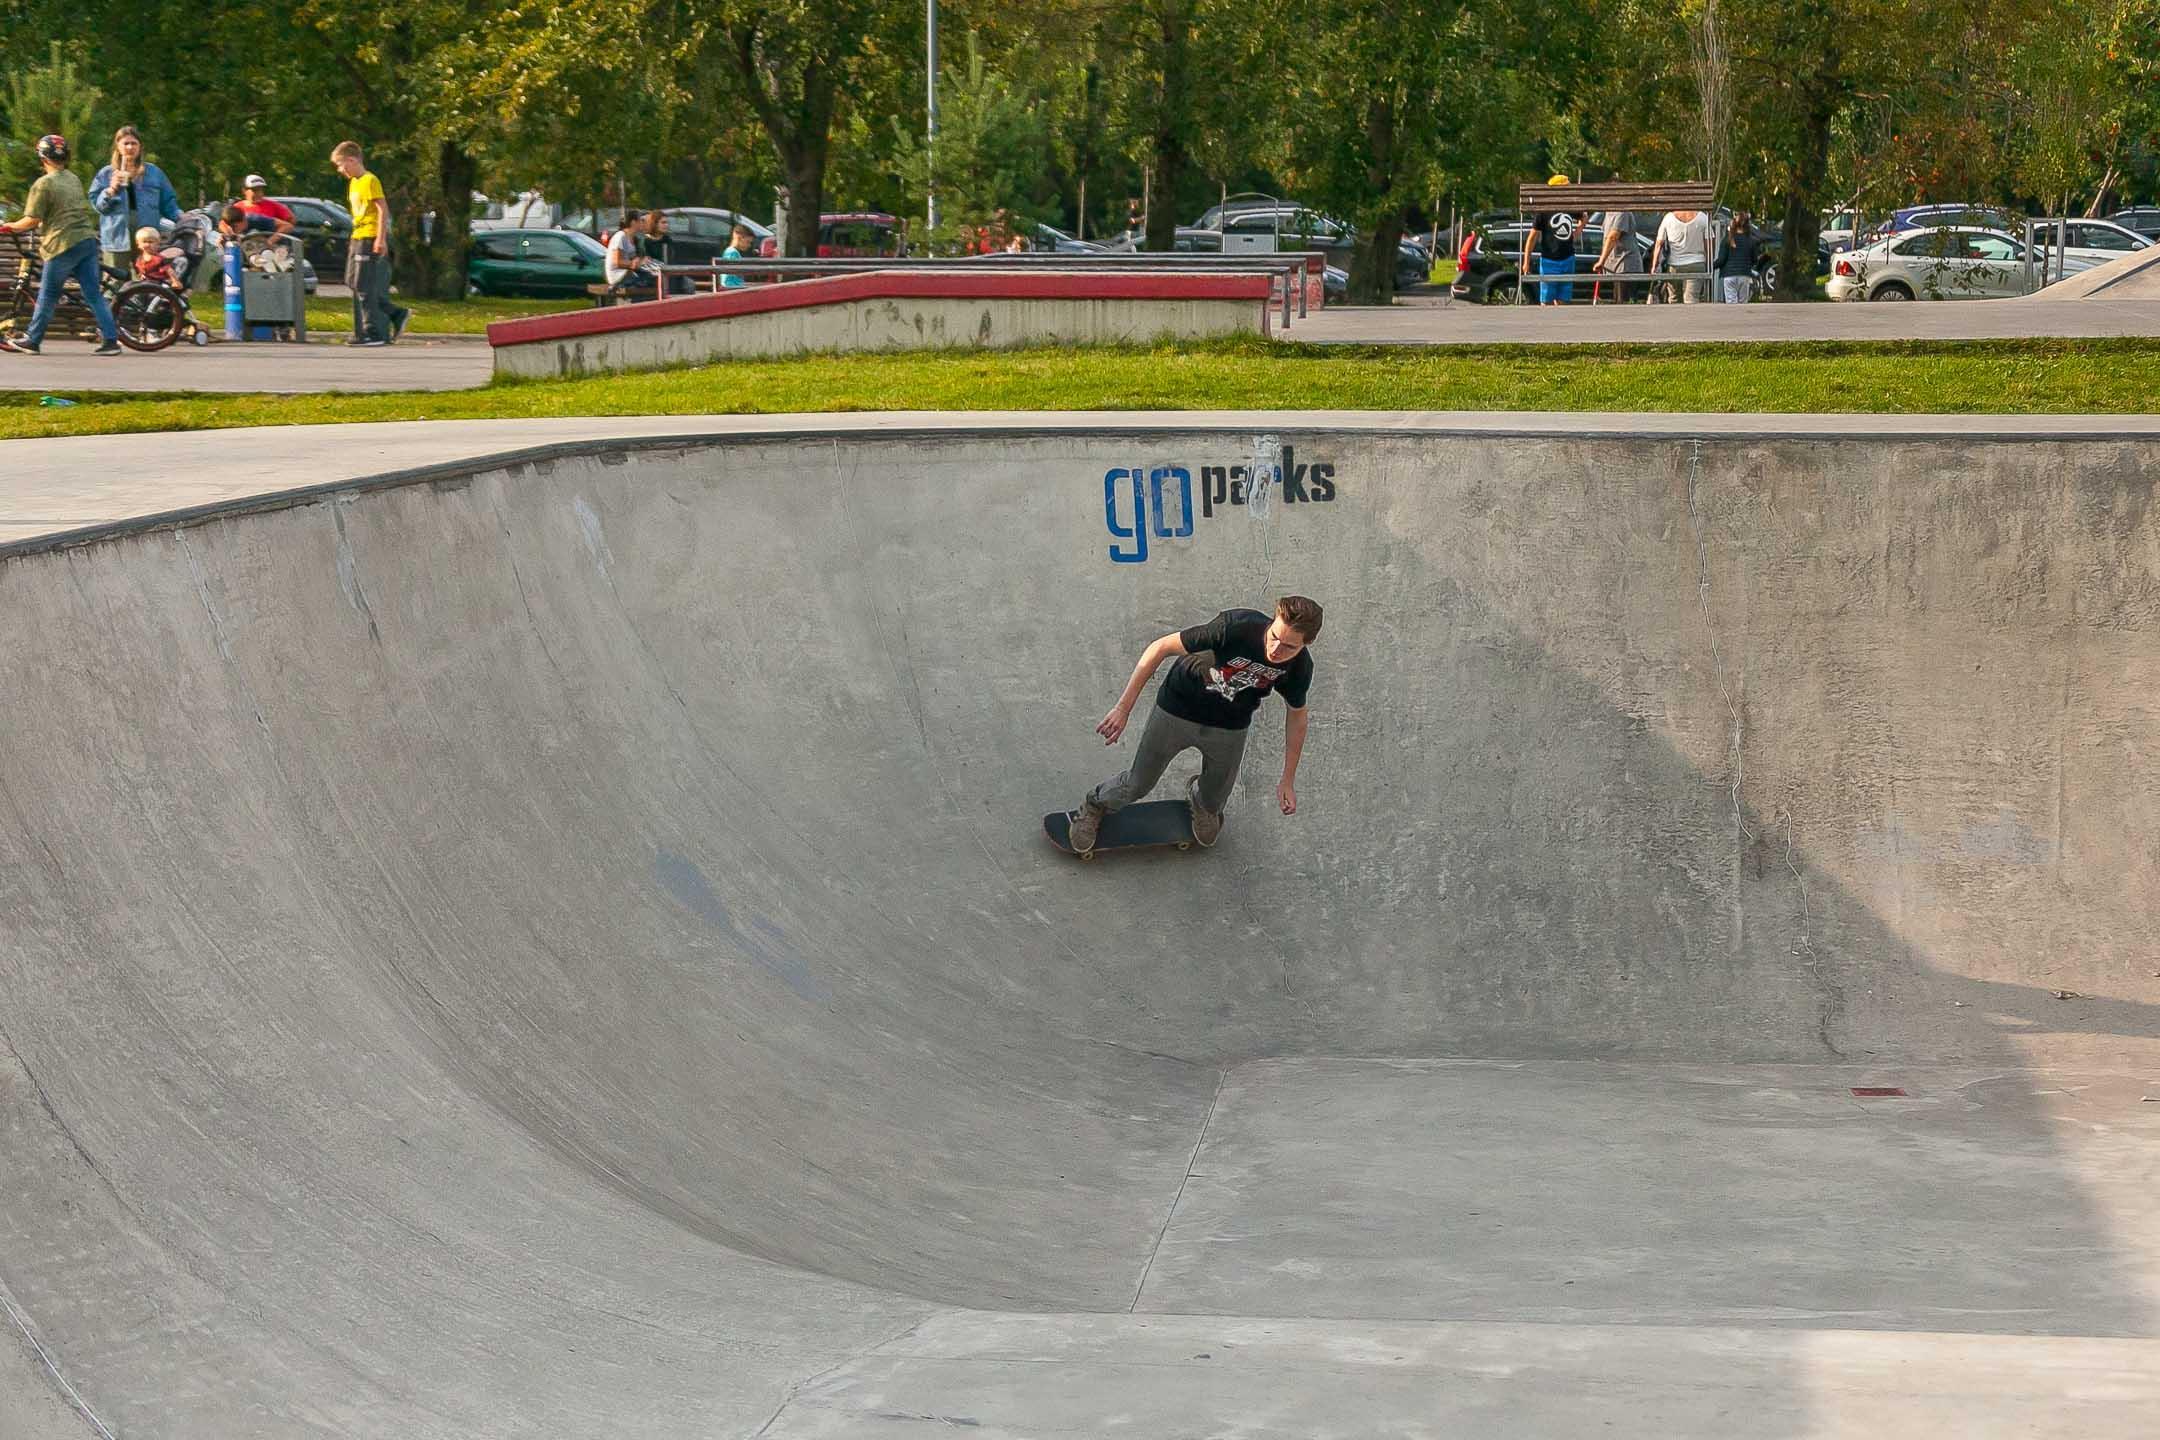 Скейт-парк в парке «Садовники»